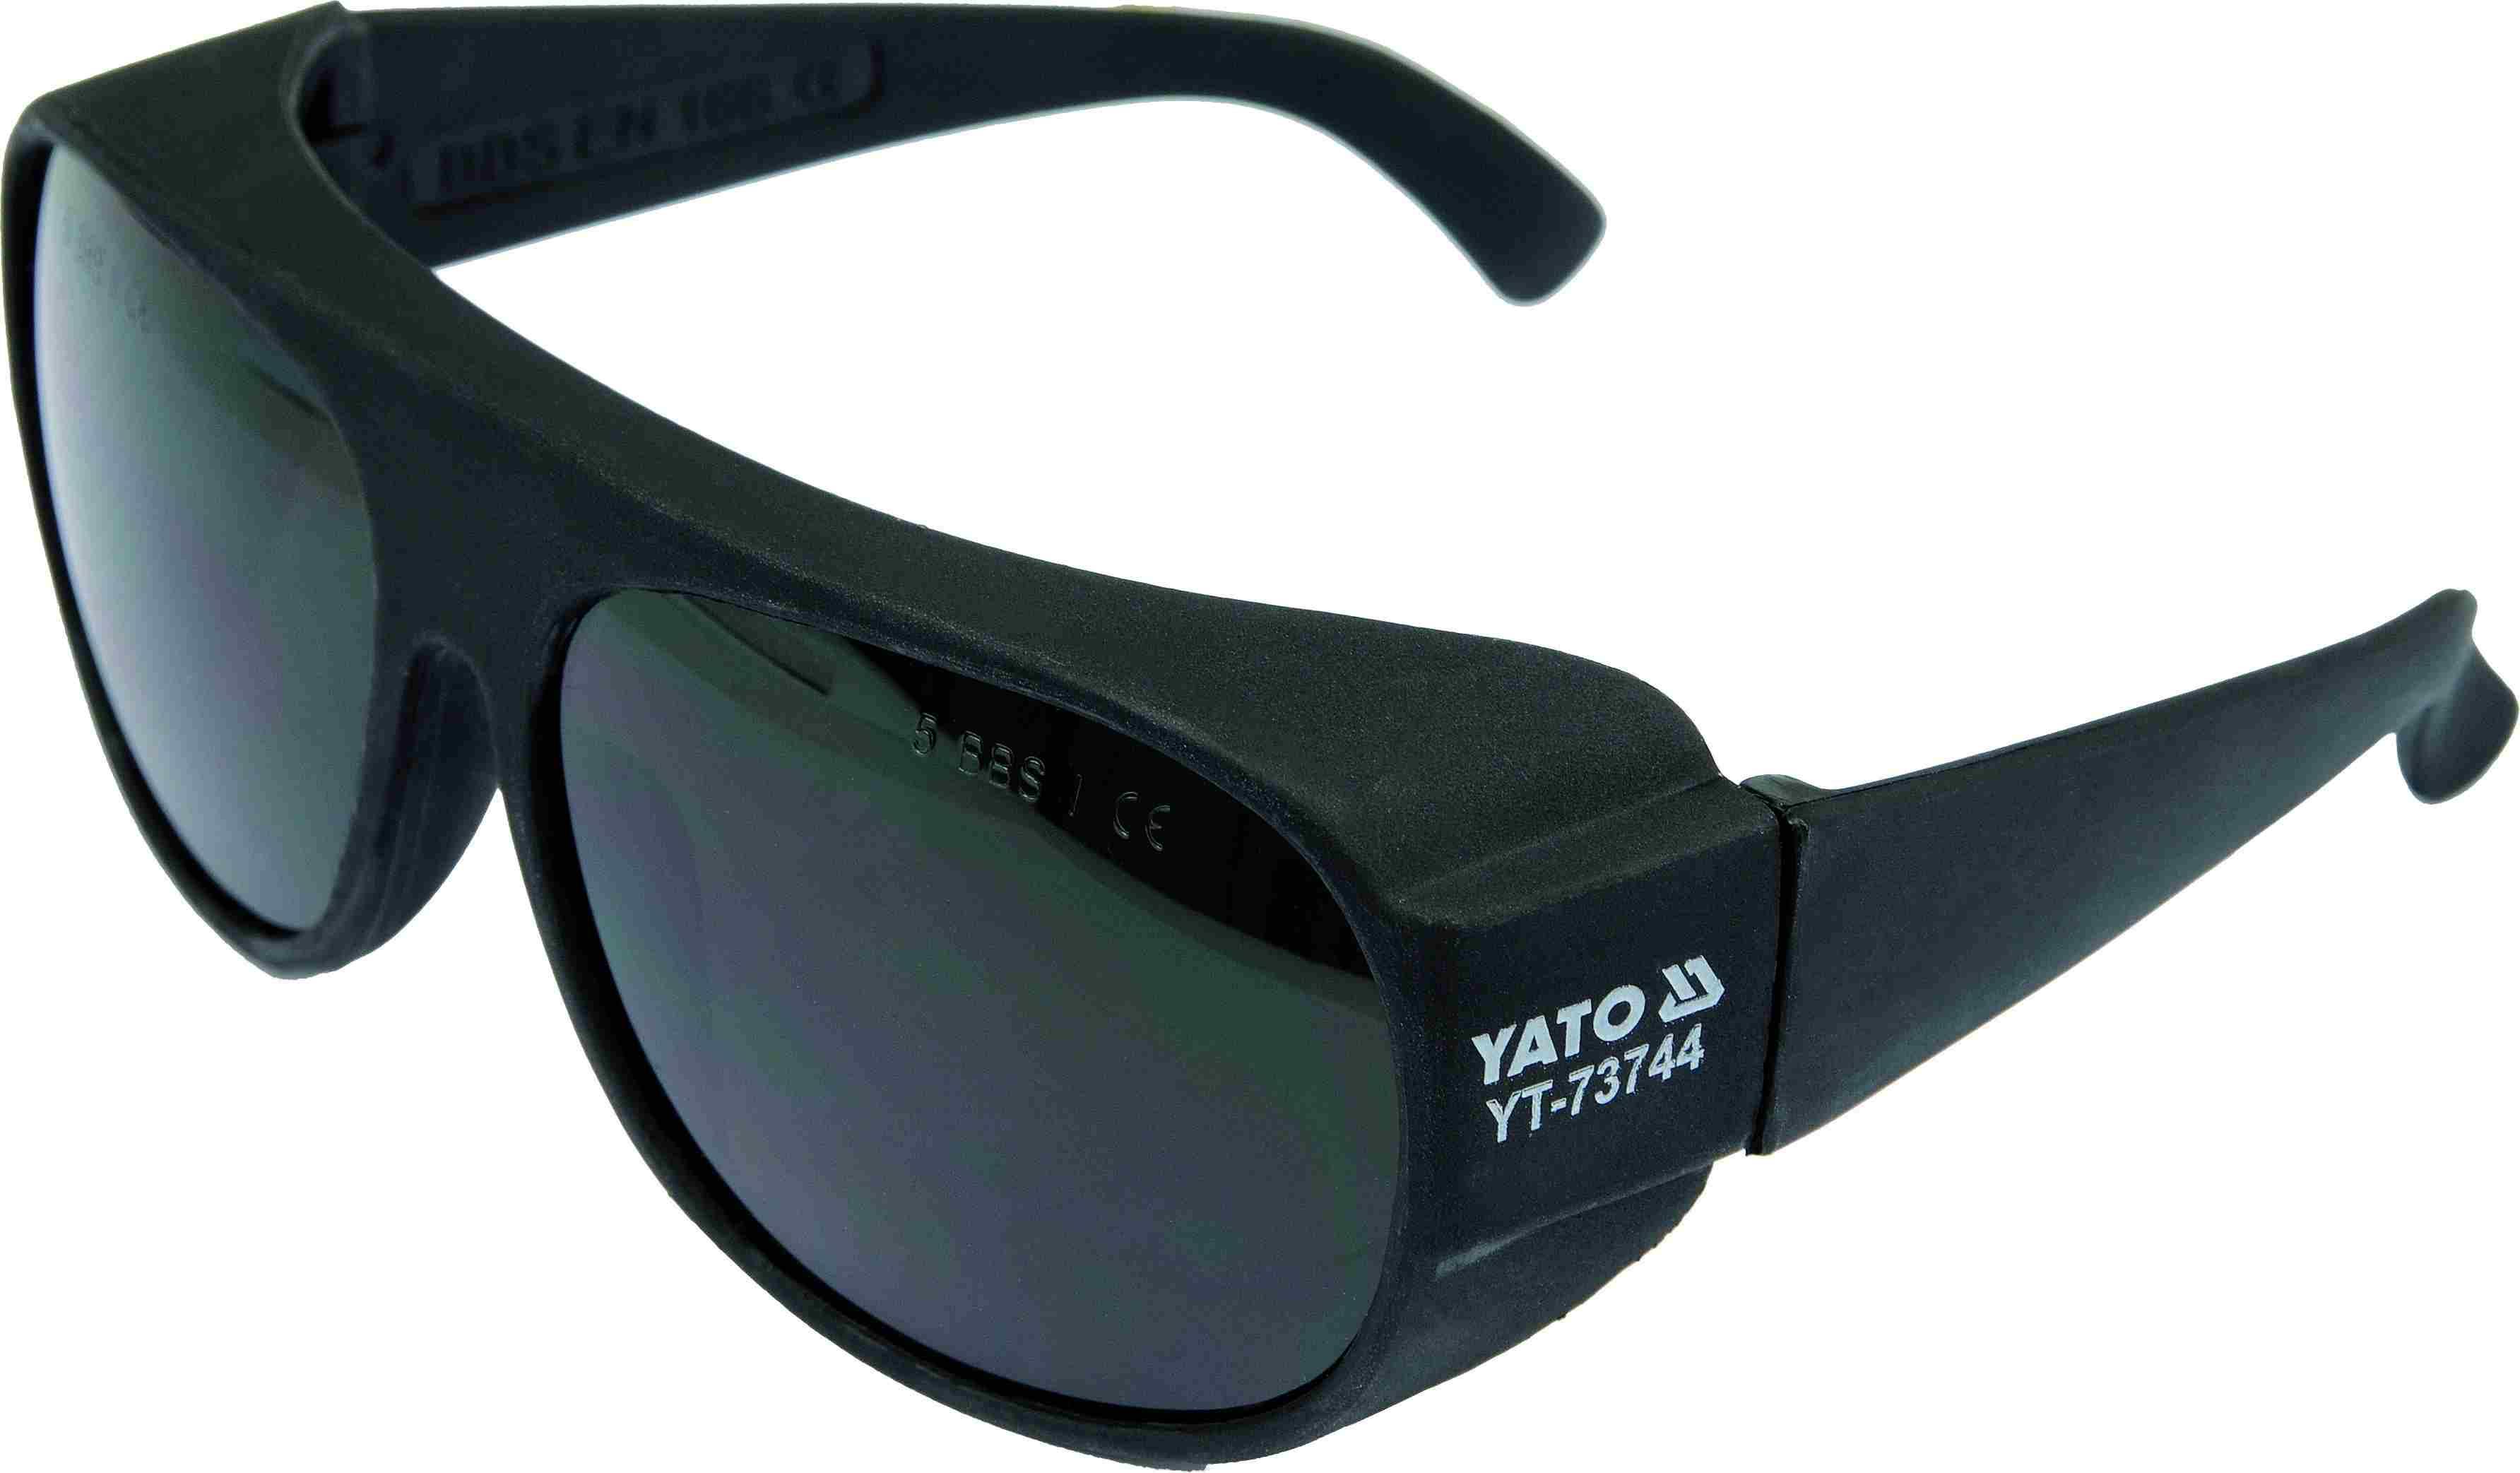 Очки защитные зеленые YATO YT73744